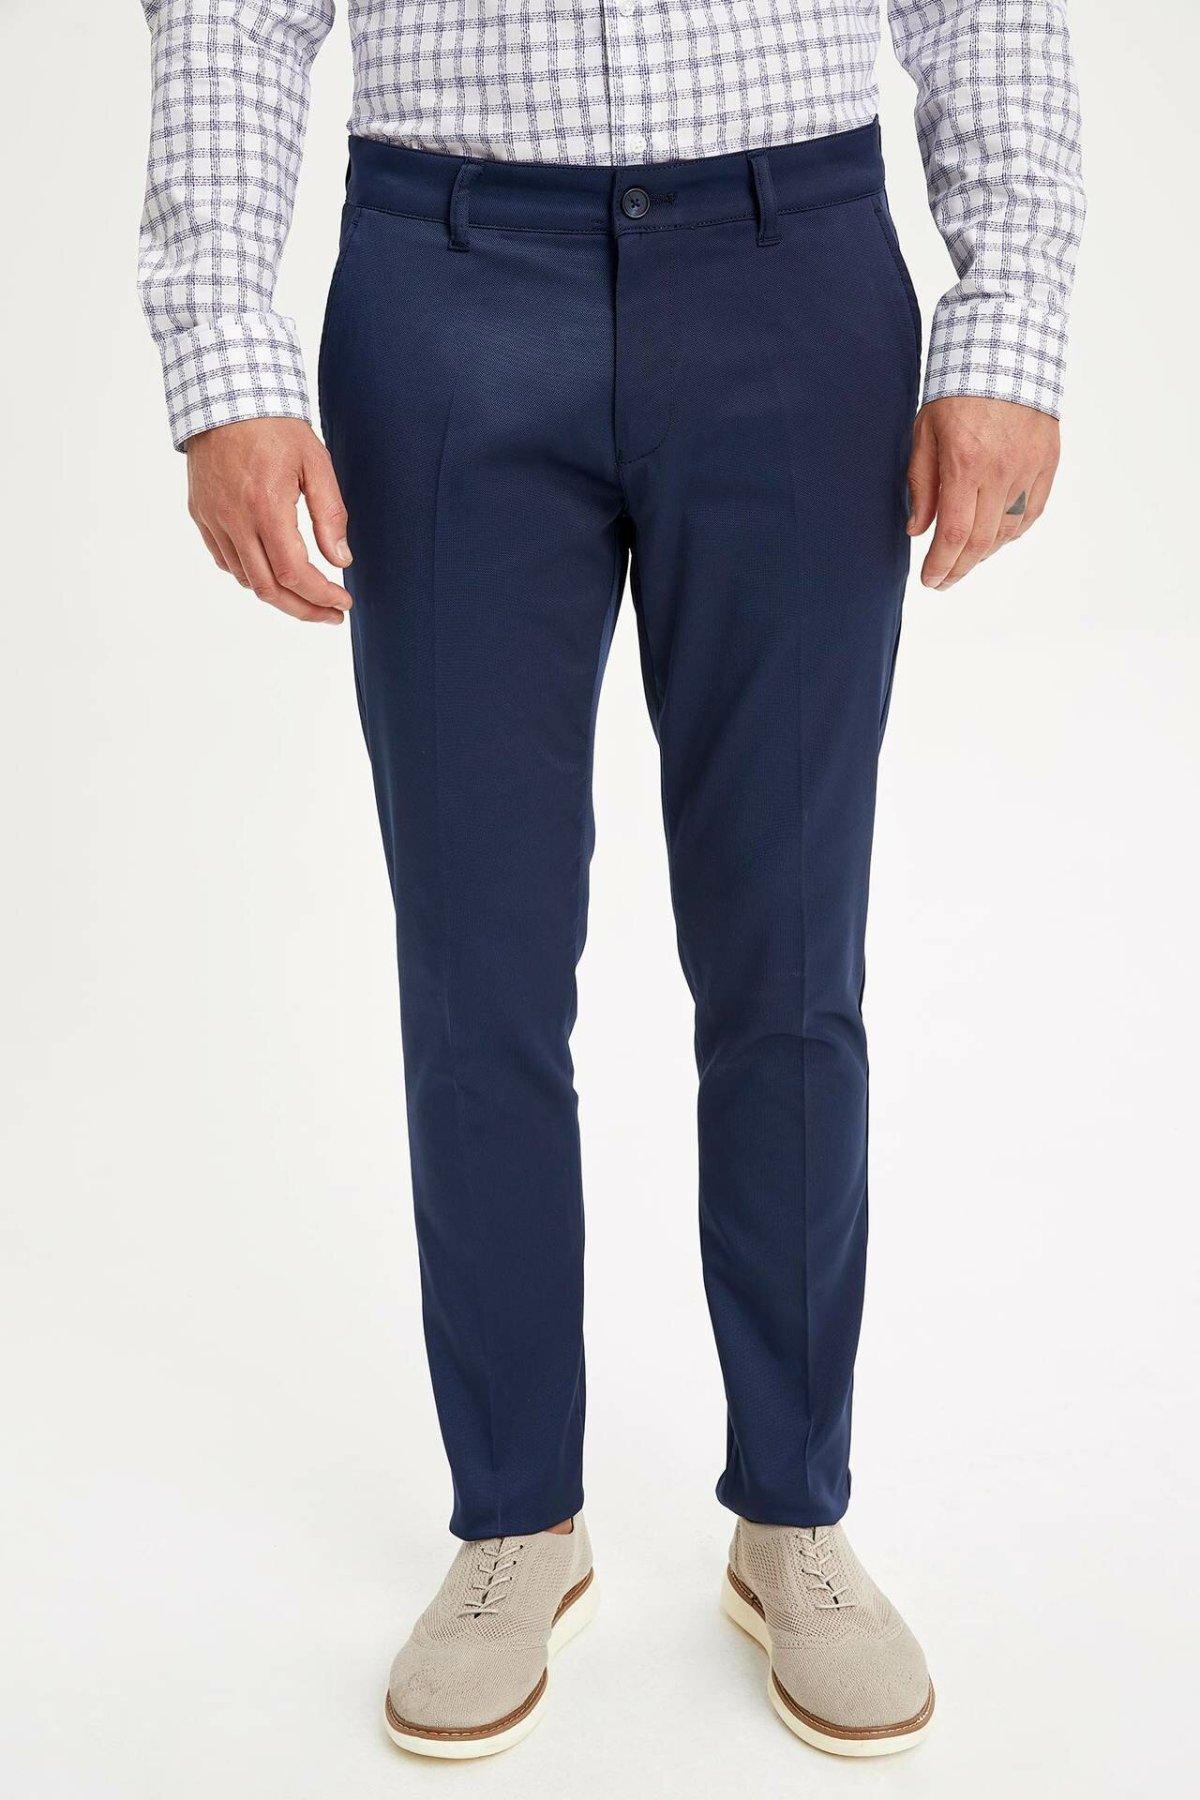 DeFacto Man Autumn Solid Color Long Pants Men Smart Casual Bottoms Male Navy Blue Mid-waist Trousers-L8123AZ19HS